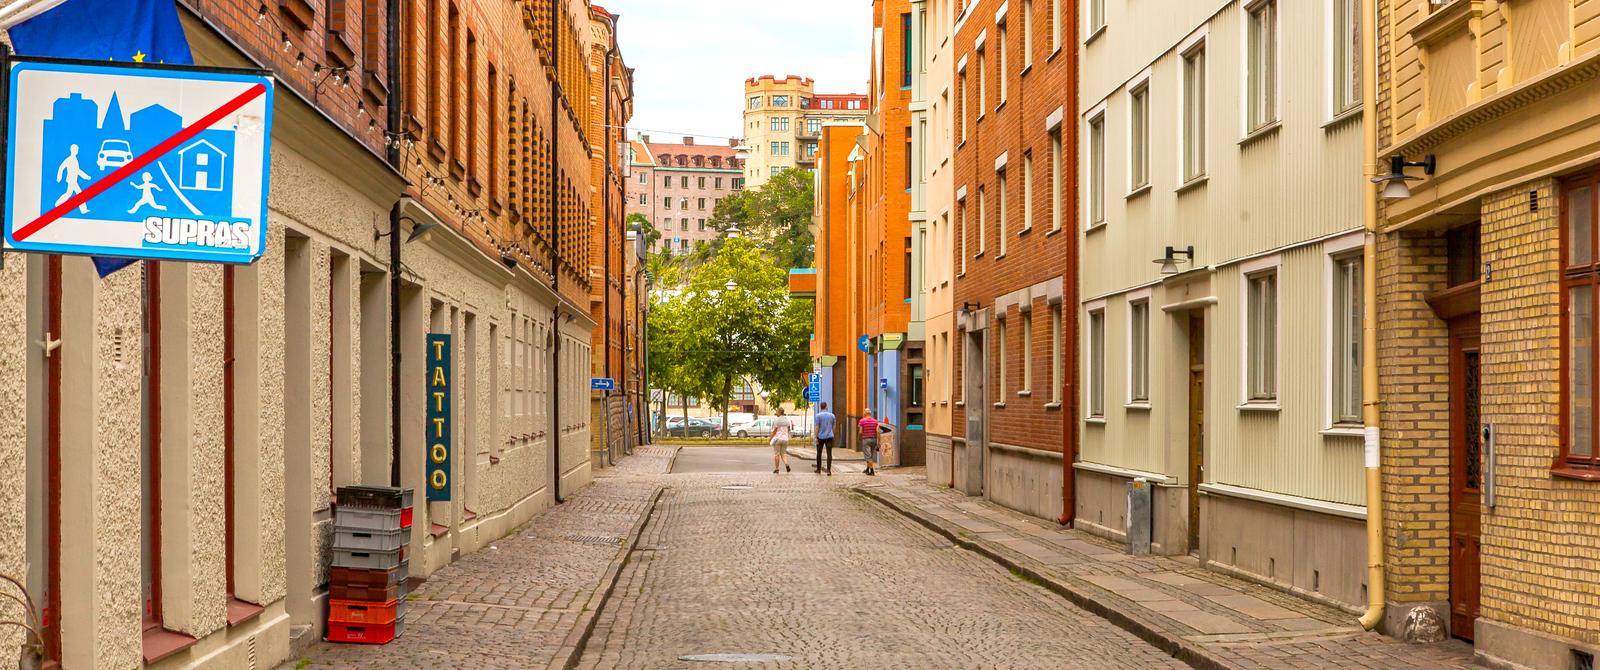 瑞典哥德堡,整潔漂亮的小巷